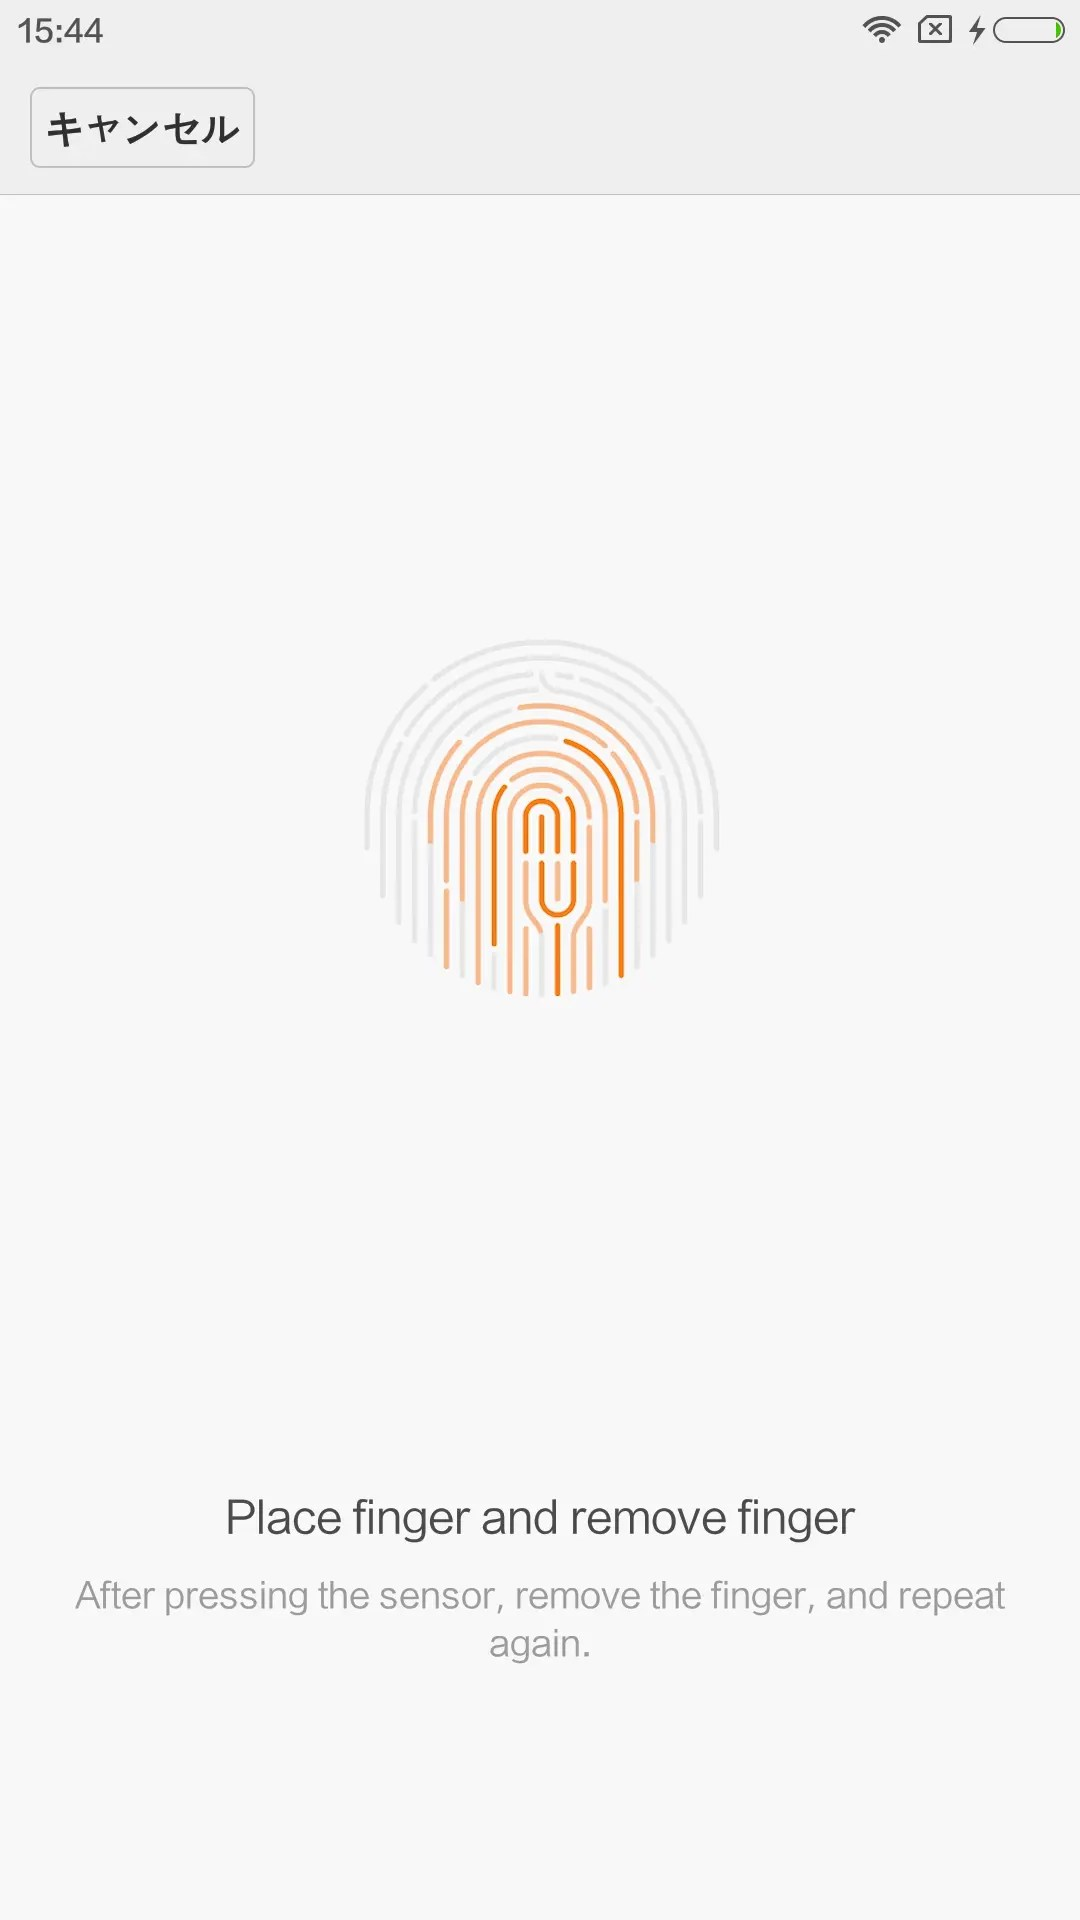 指紋登録は他のAndroid機種とほぼ一緒